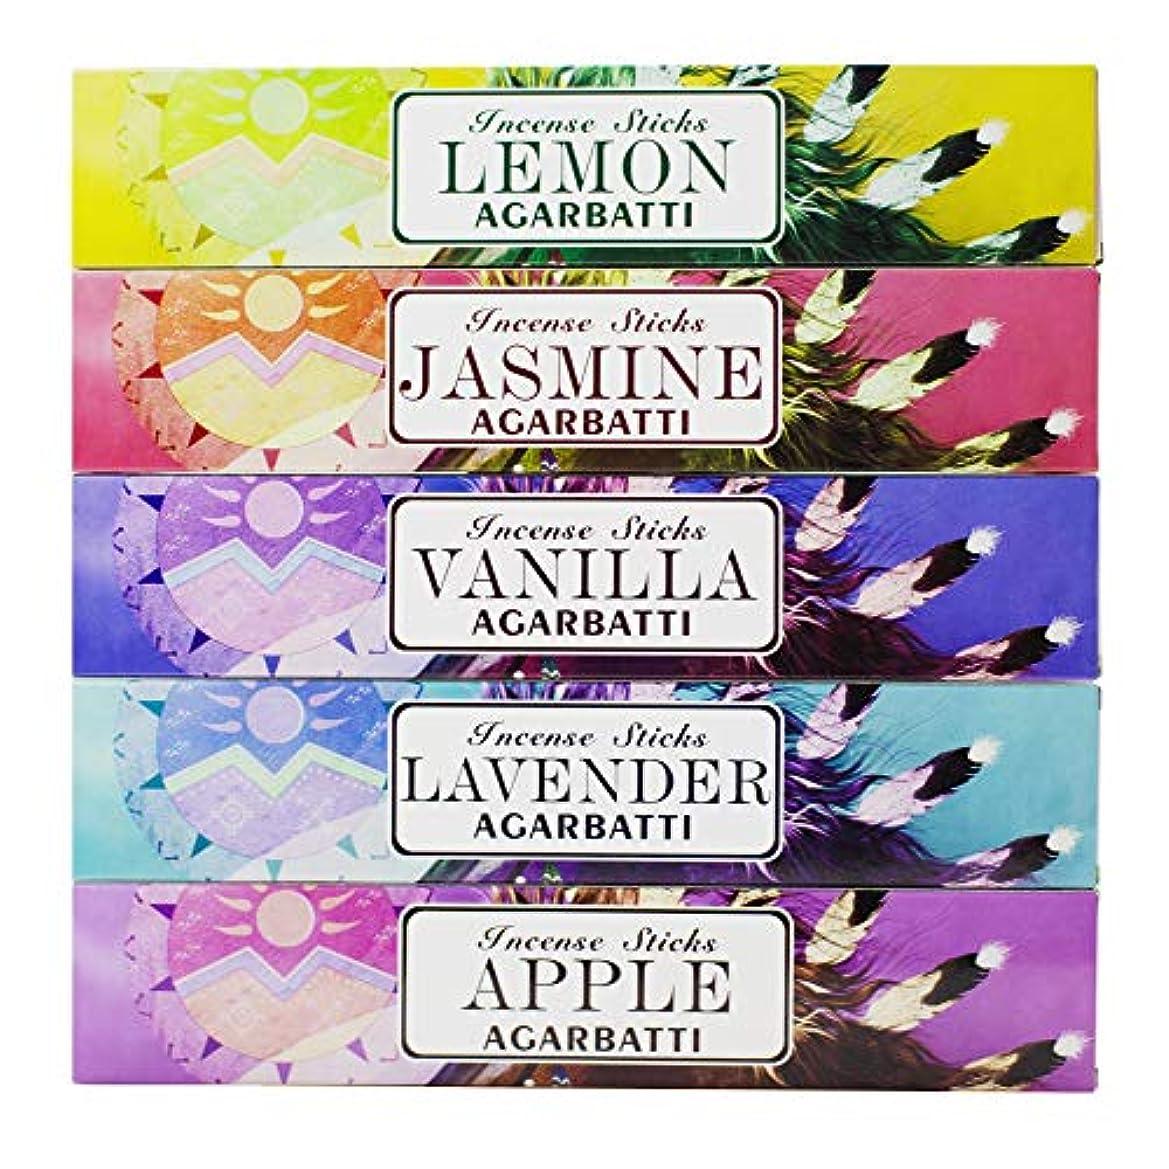 確認してください重力フィルタMosfantal プレミアム手染めお香スティック レモン、ジャスミン、ラベンダー、バニラ、リンゴ、バラエティギフトパック (240グラム)